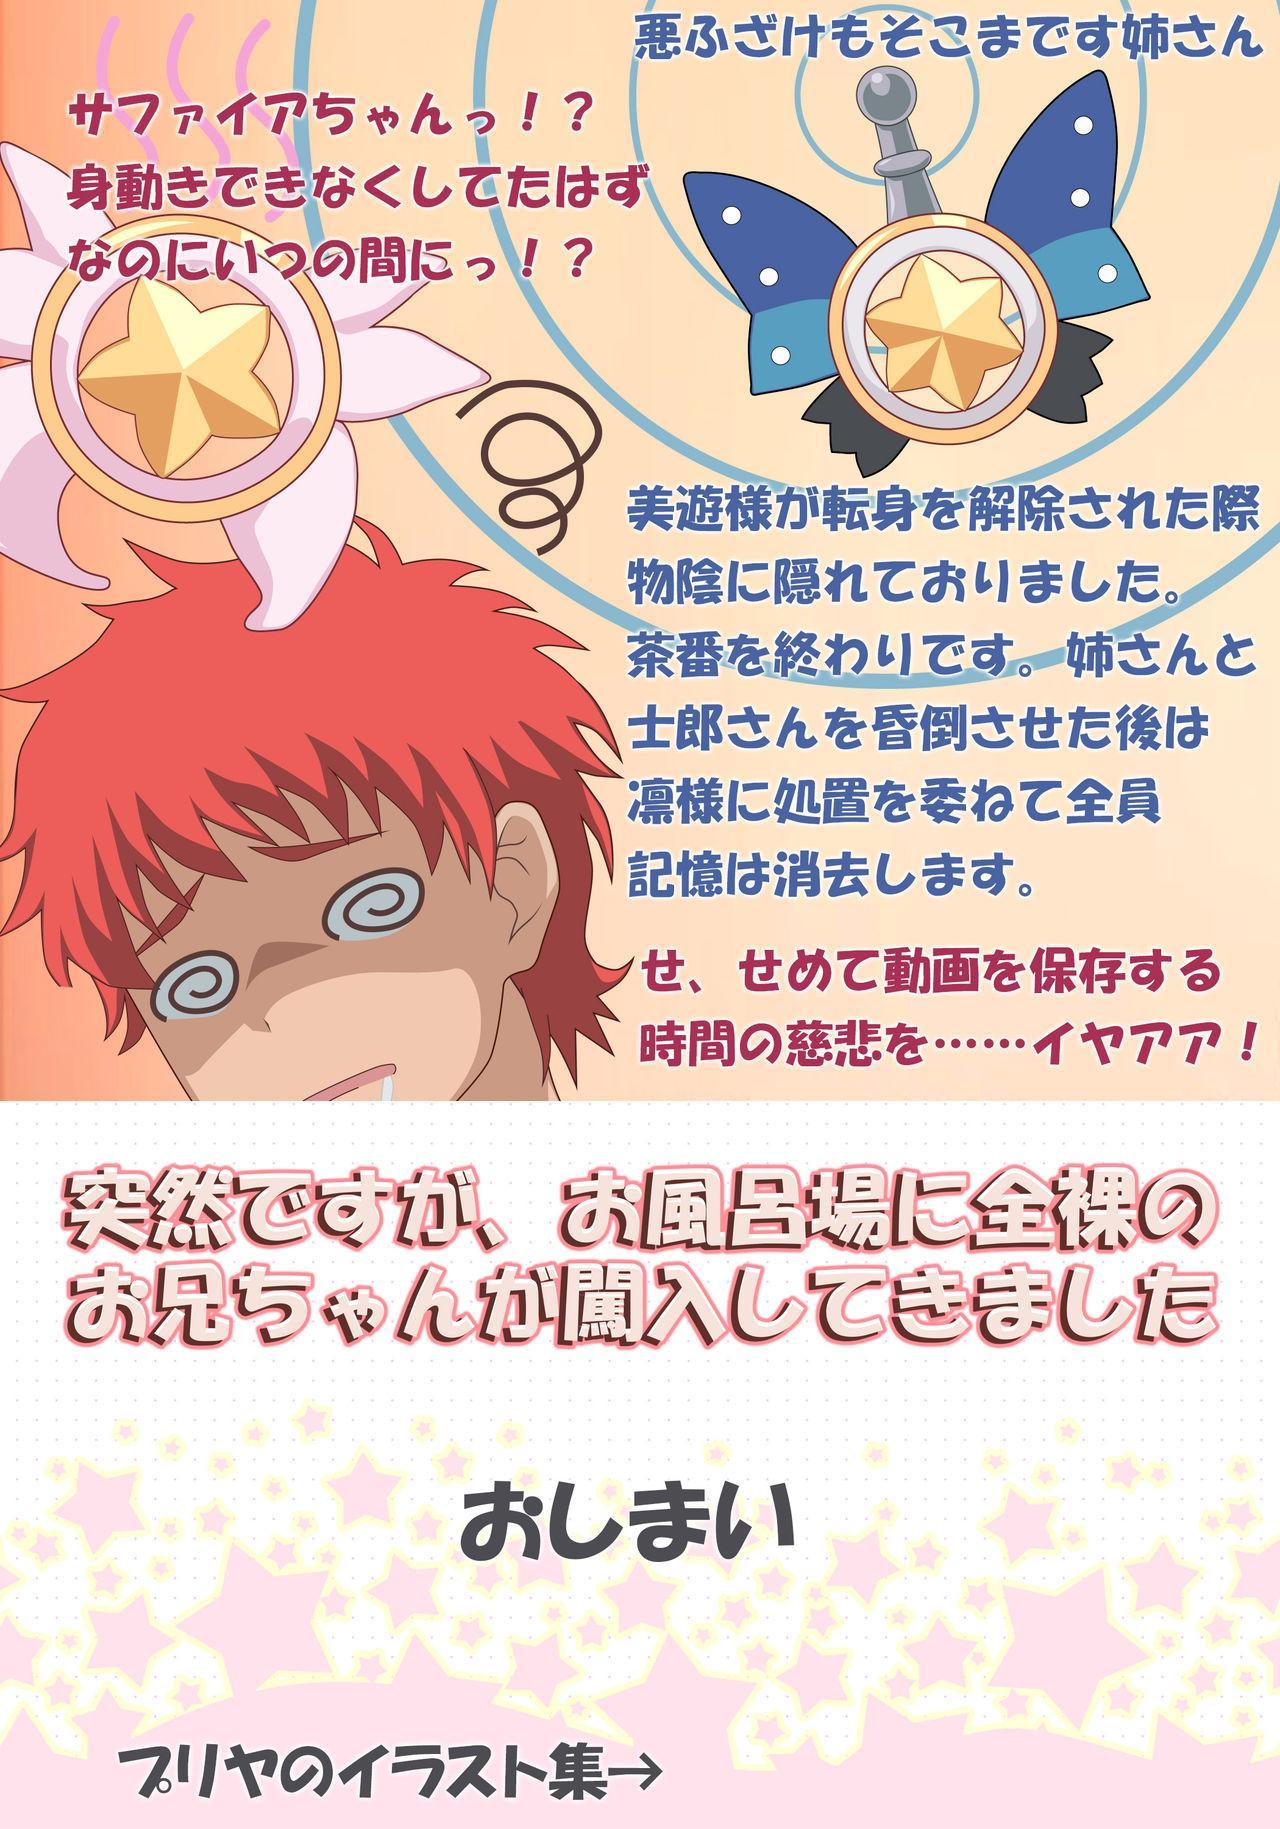 Totsuzen desu ga, Ofuroba ni Zenra no Onii-chan ga Chinnyuu Shite kimashita 24